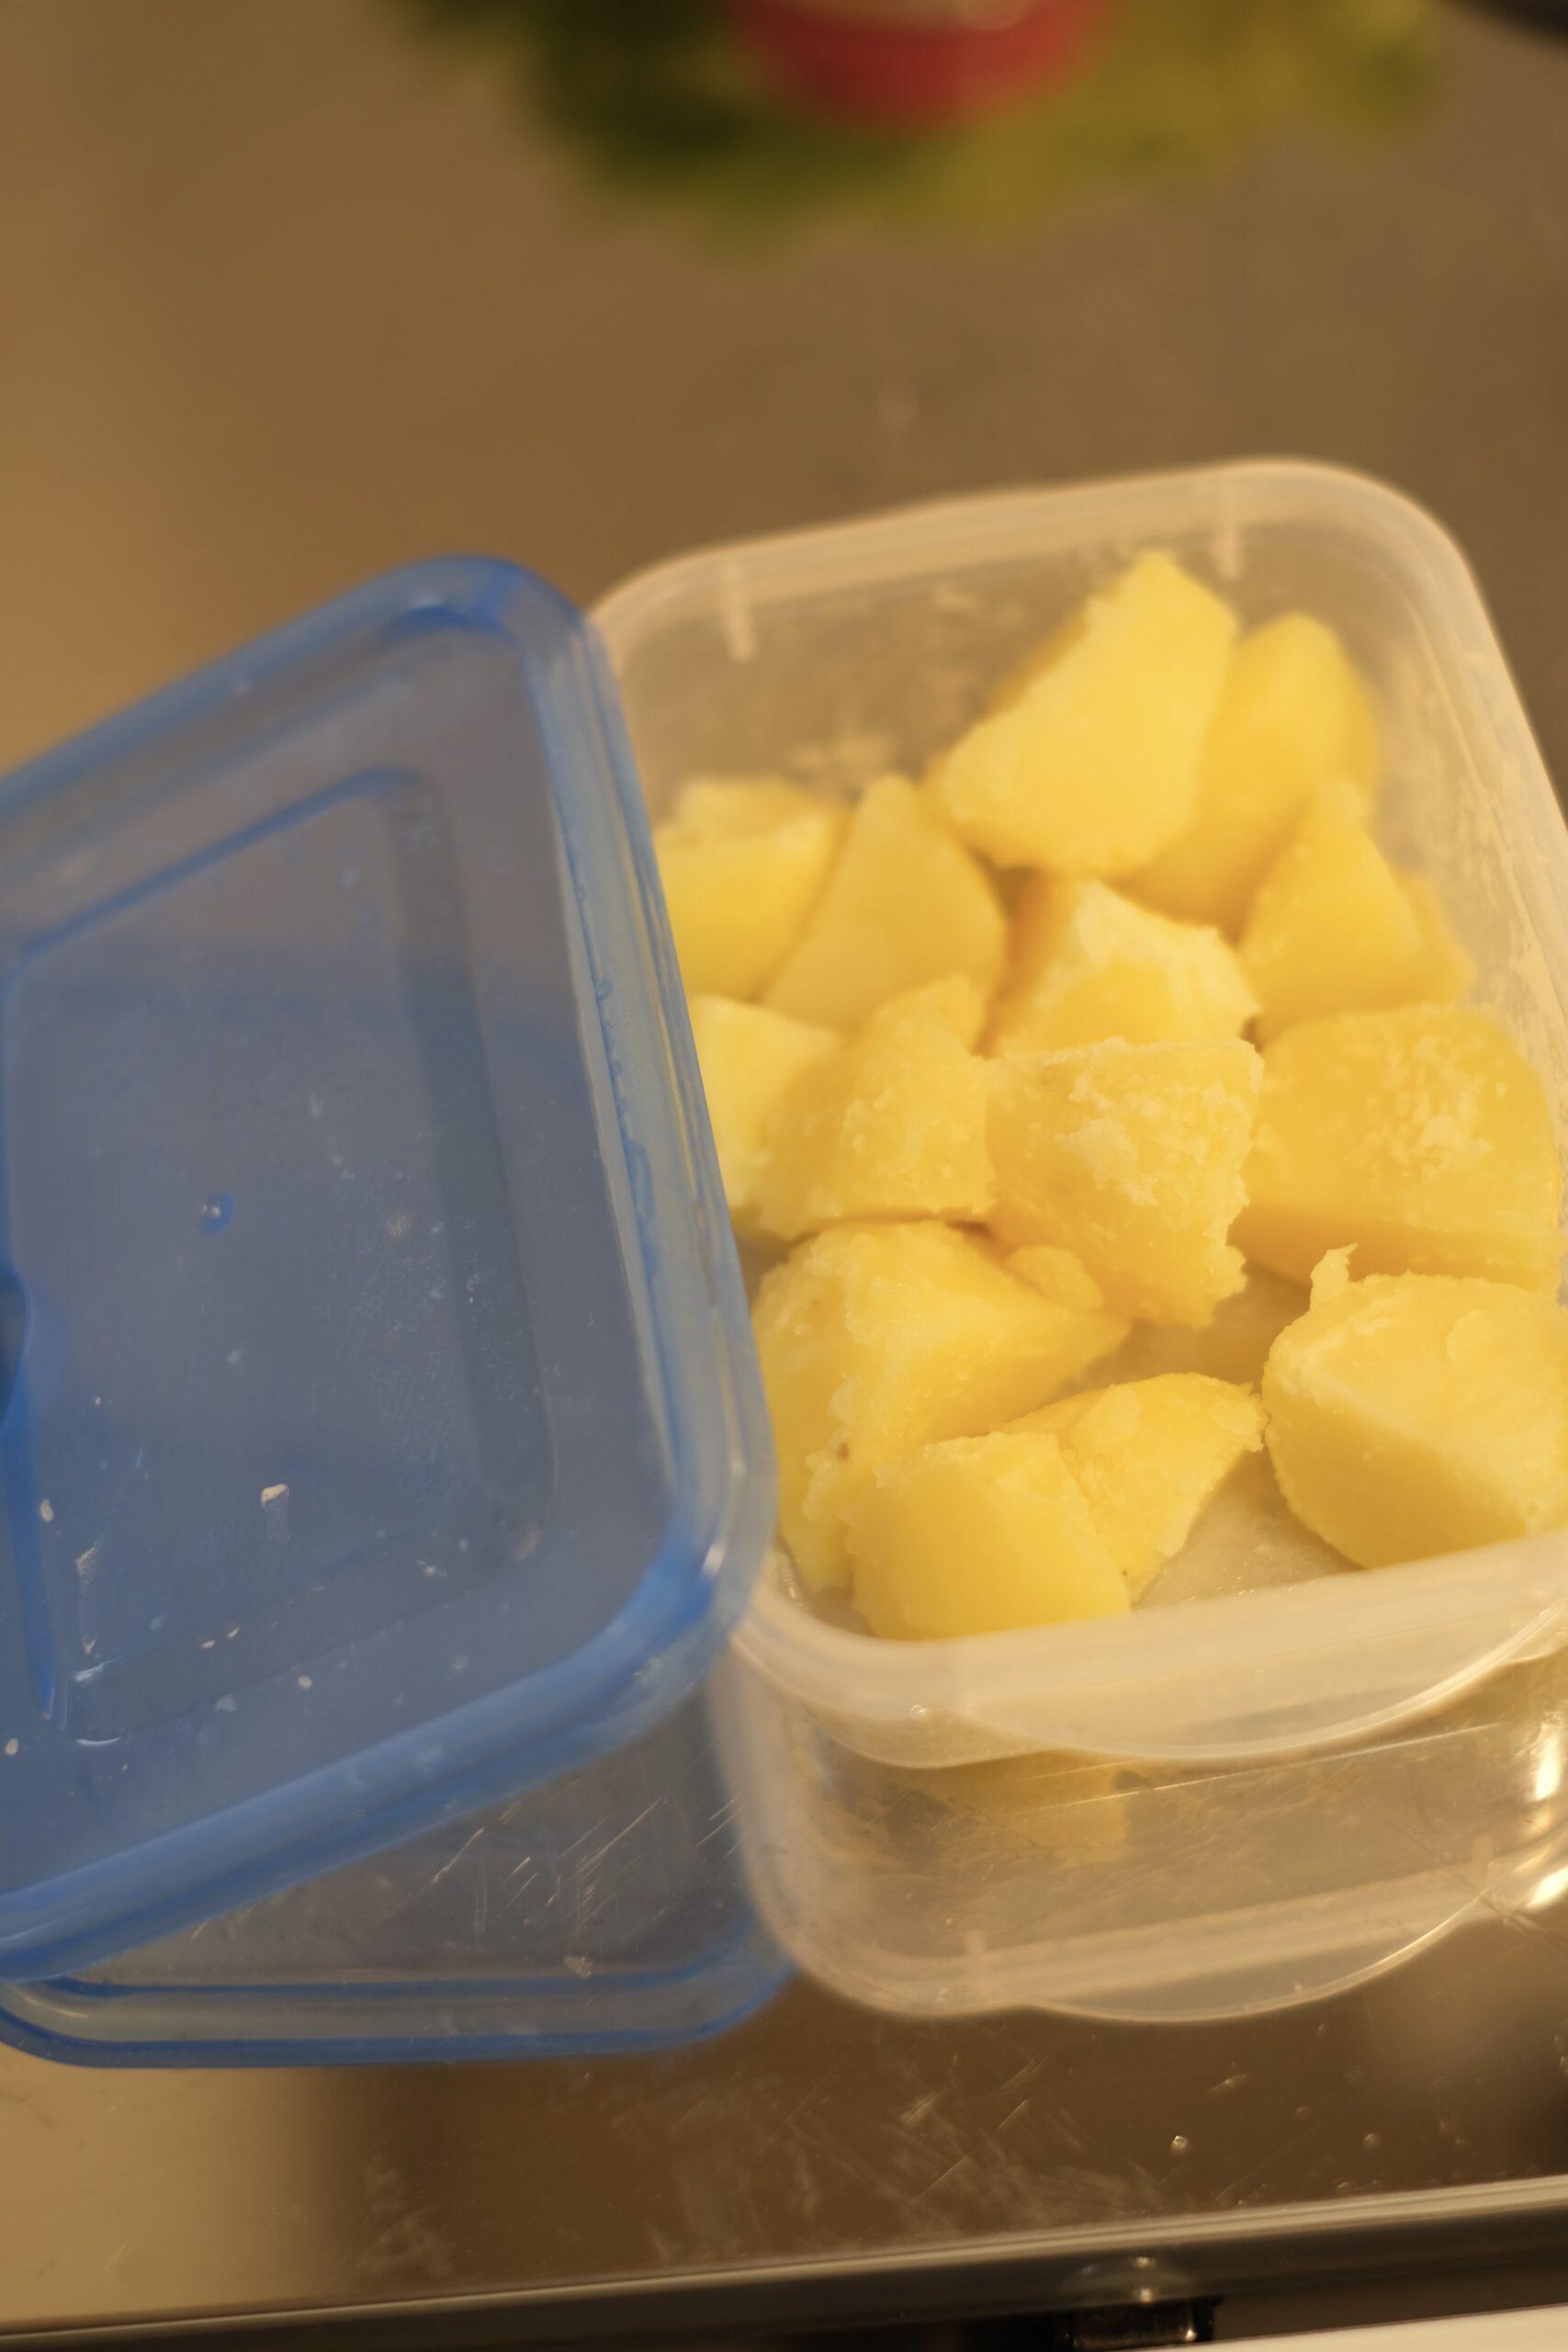 皮を剥いて一口サイズに切ったジャガイモを耐熱容器に入れ水を少し入れてレンジで加熱したジャガイモの画像です